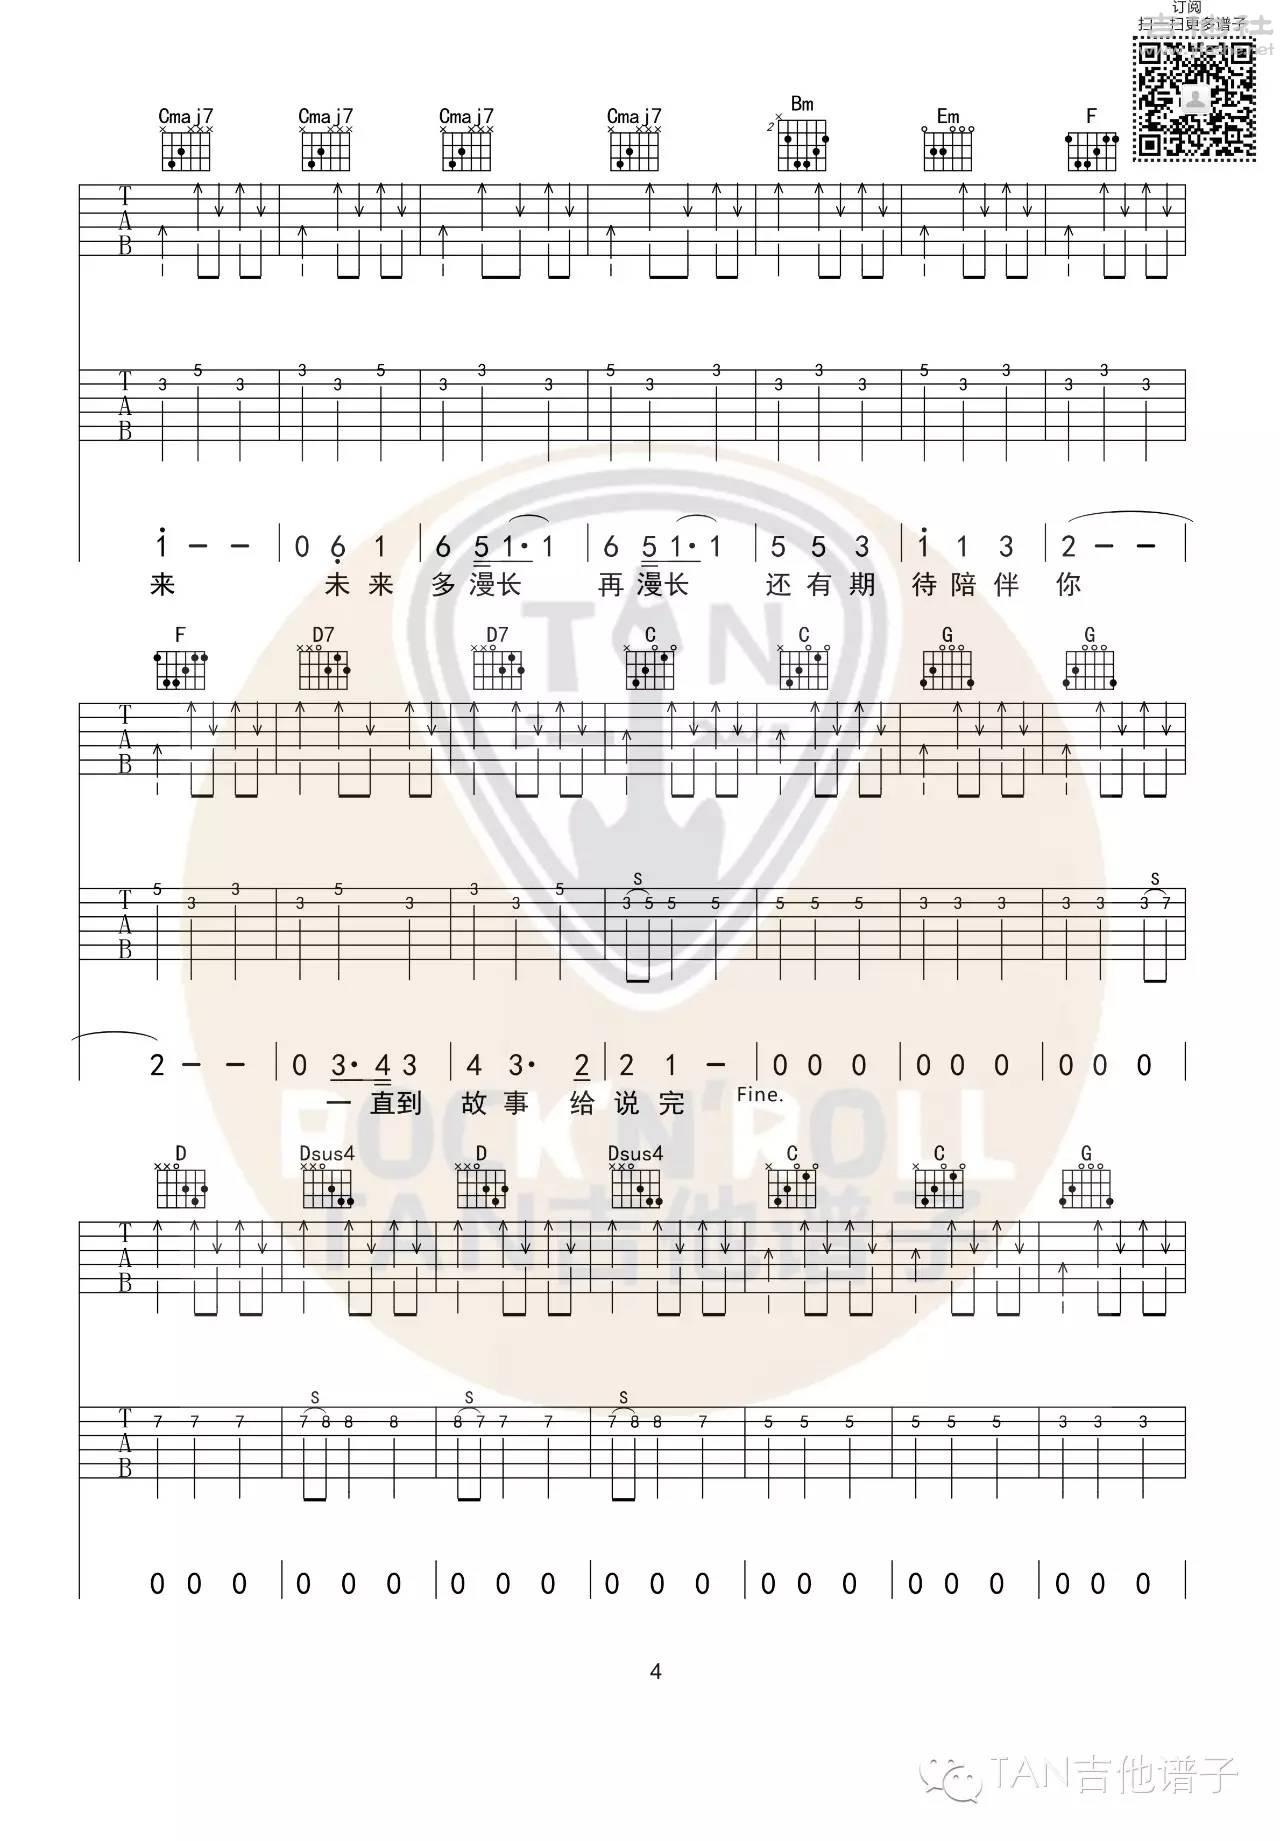 陪你度过漫长岁月(Sleep Alone)吉他谱(图片谱,弹唱)_陈奕迅(Eason Chan)_4.jpg